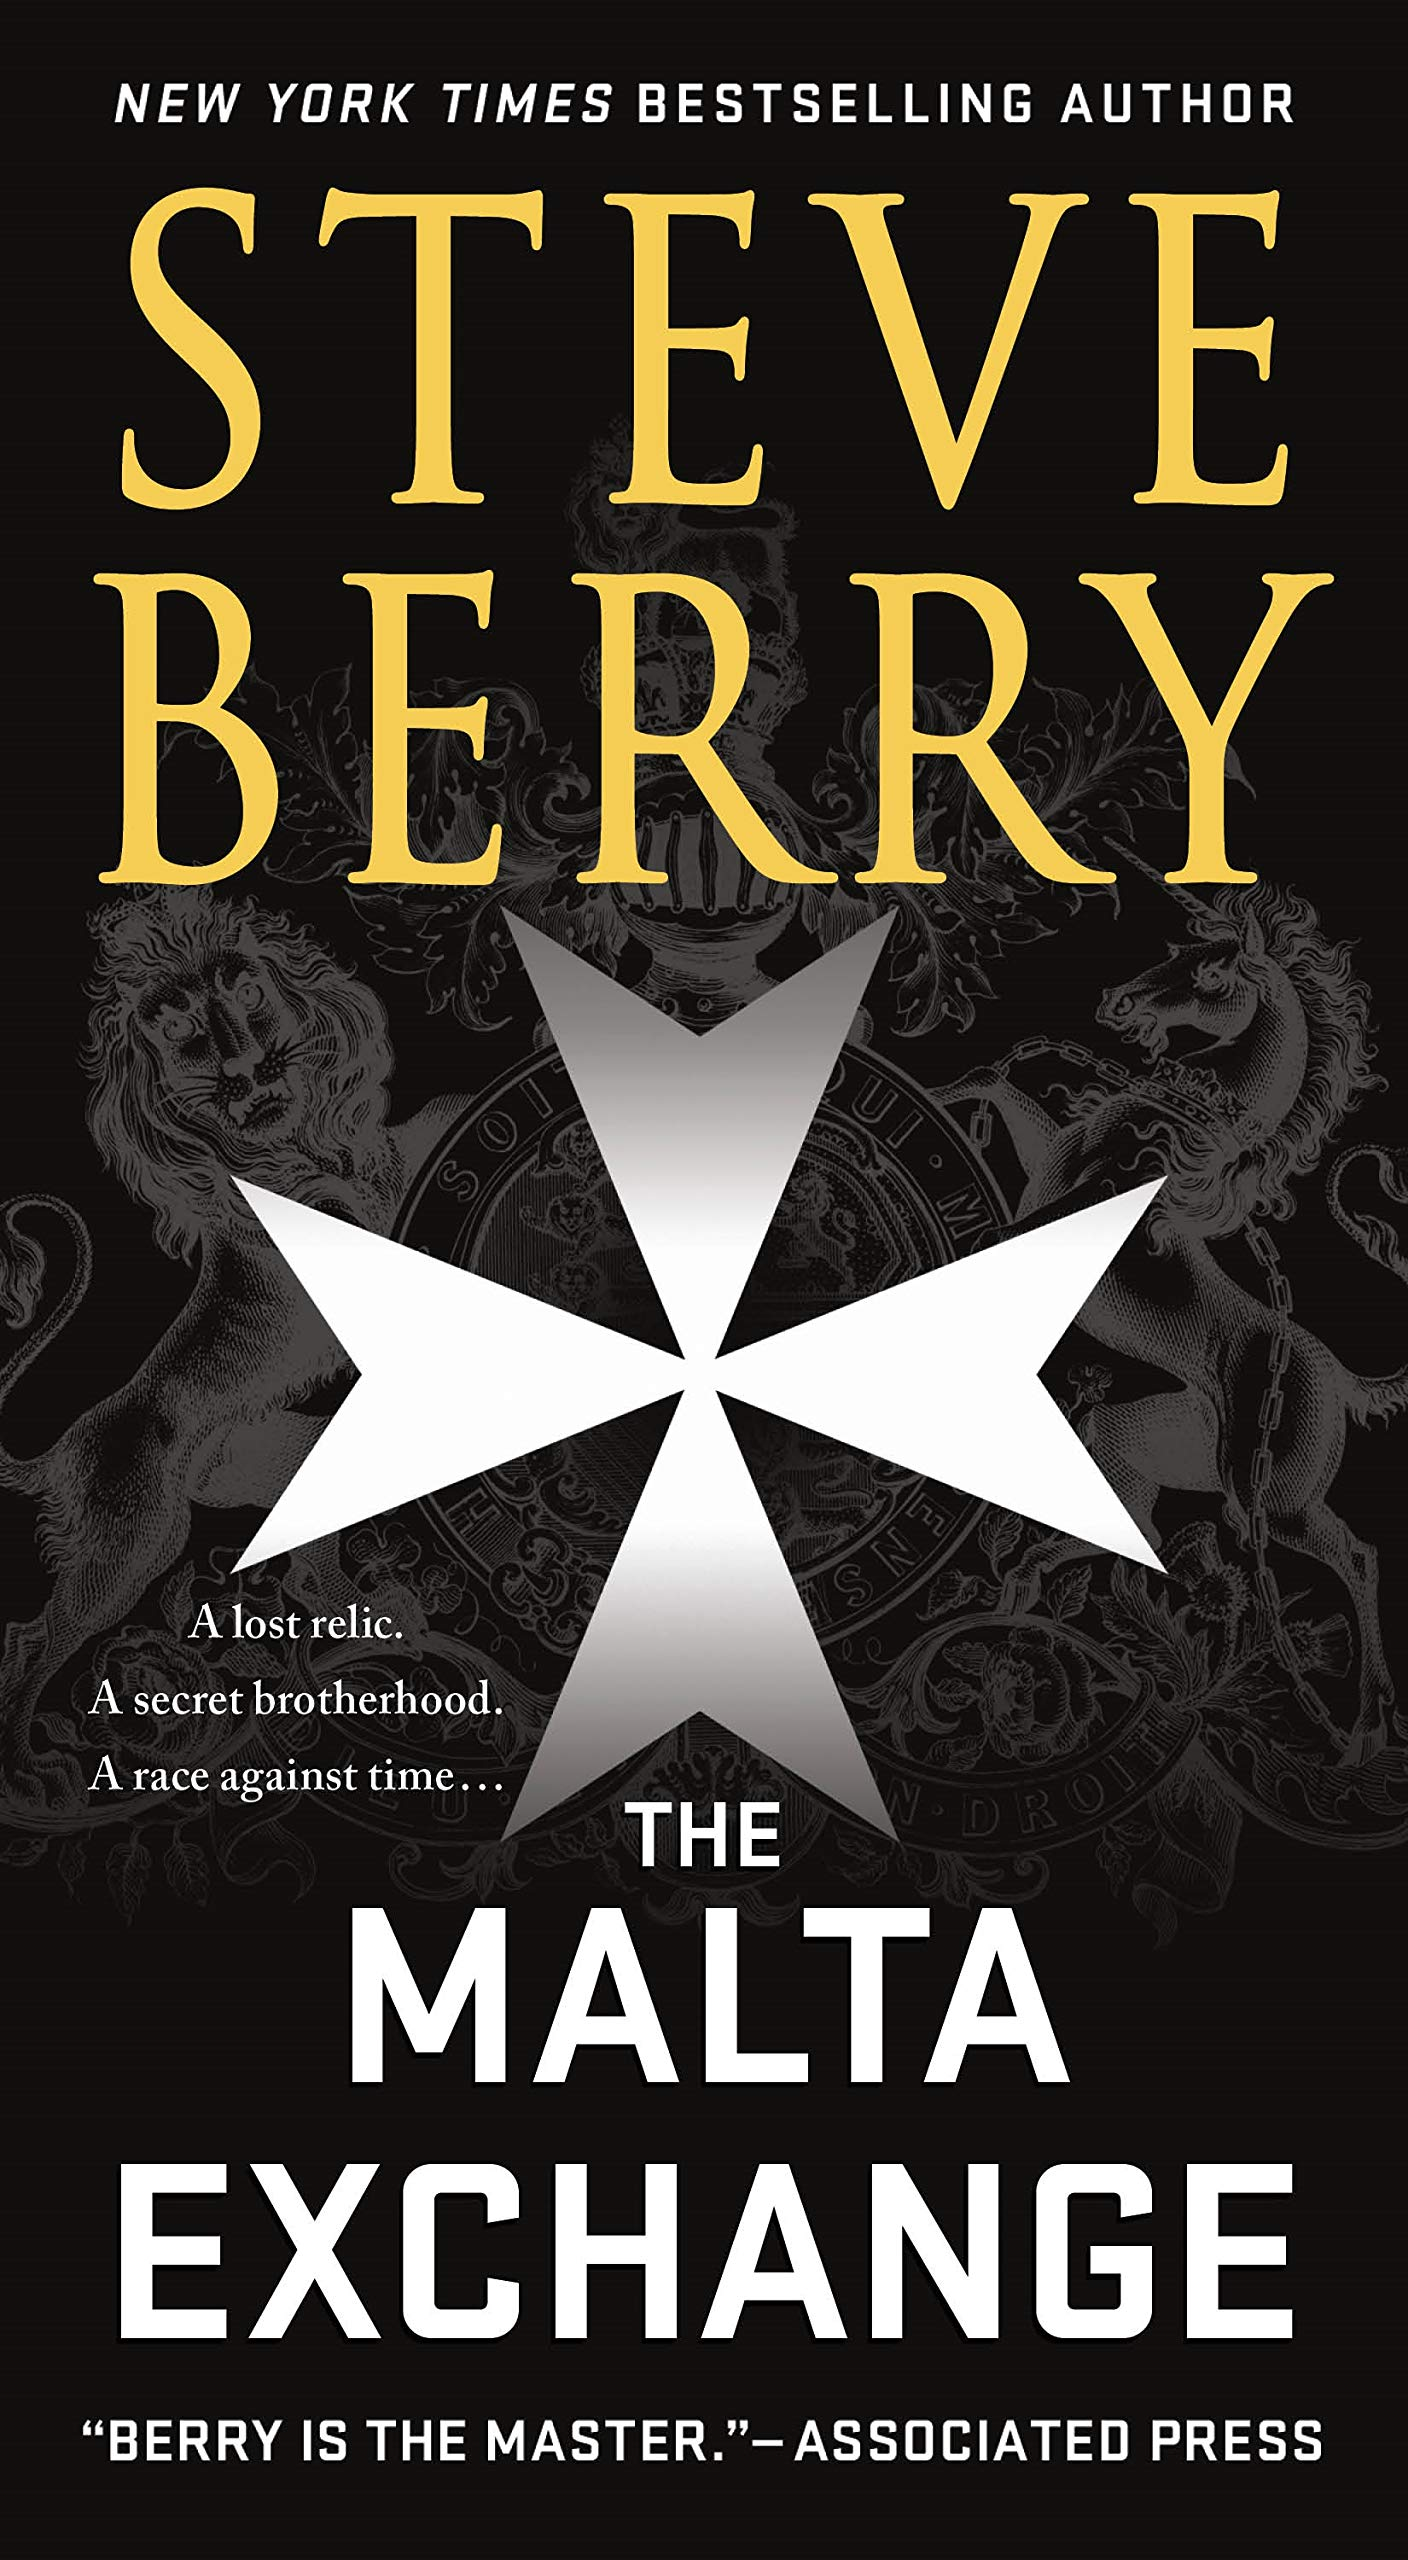 The Malta Exchange (Cotton Malone): Amazon.es: Berry, Steve, Berry, Steve: Libros en idiomas extranjeros